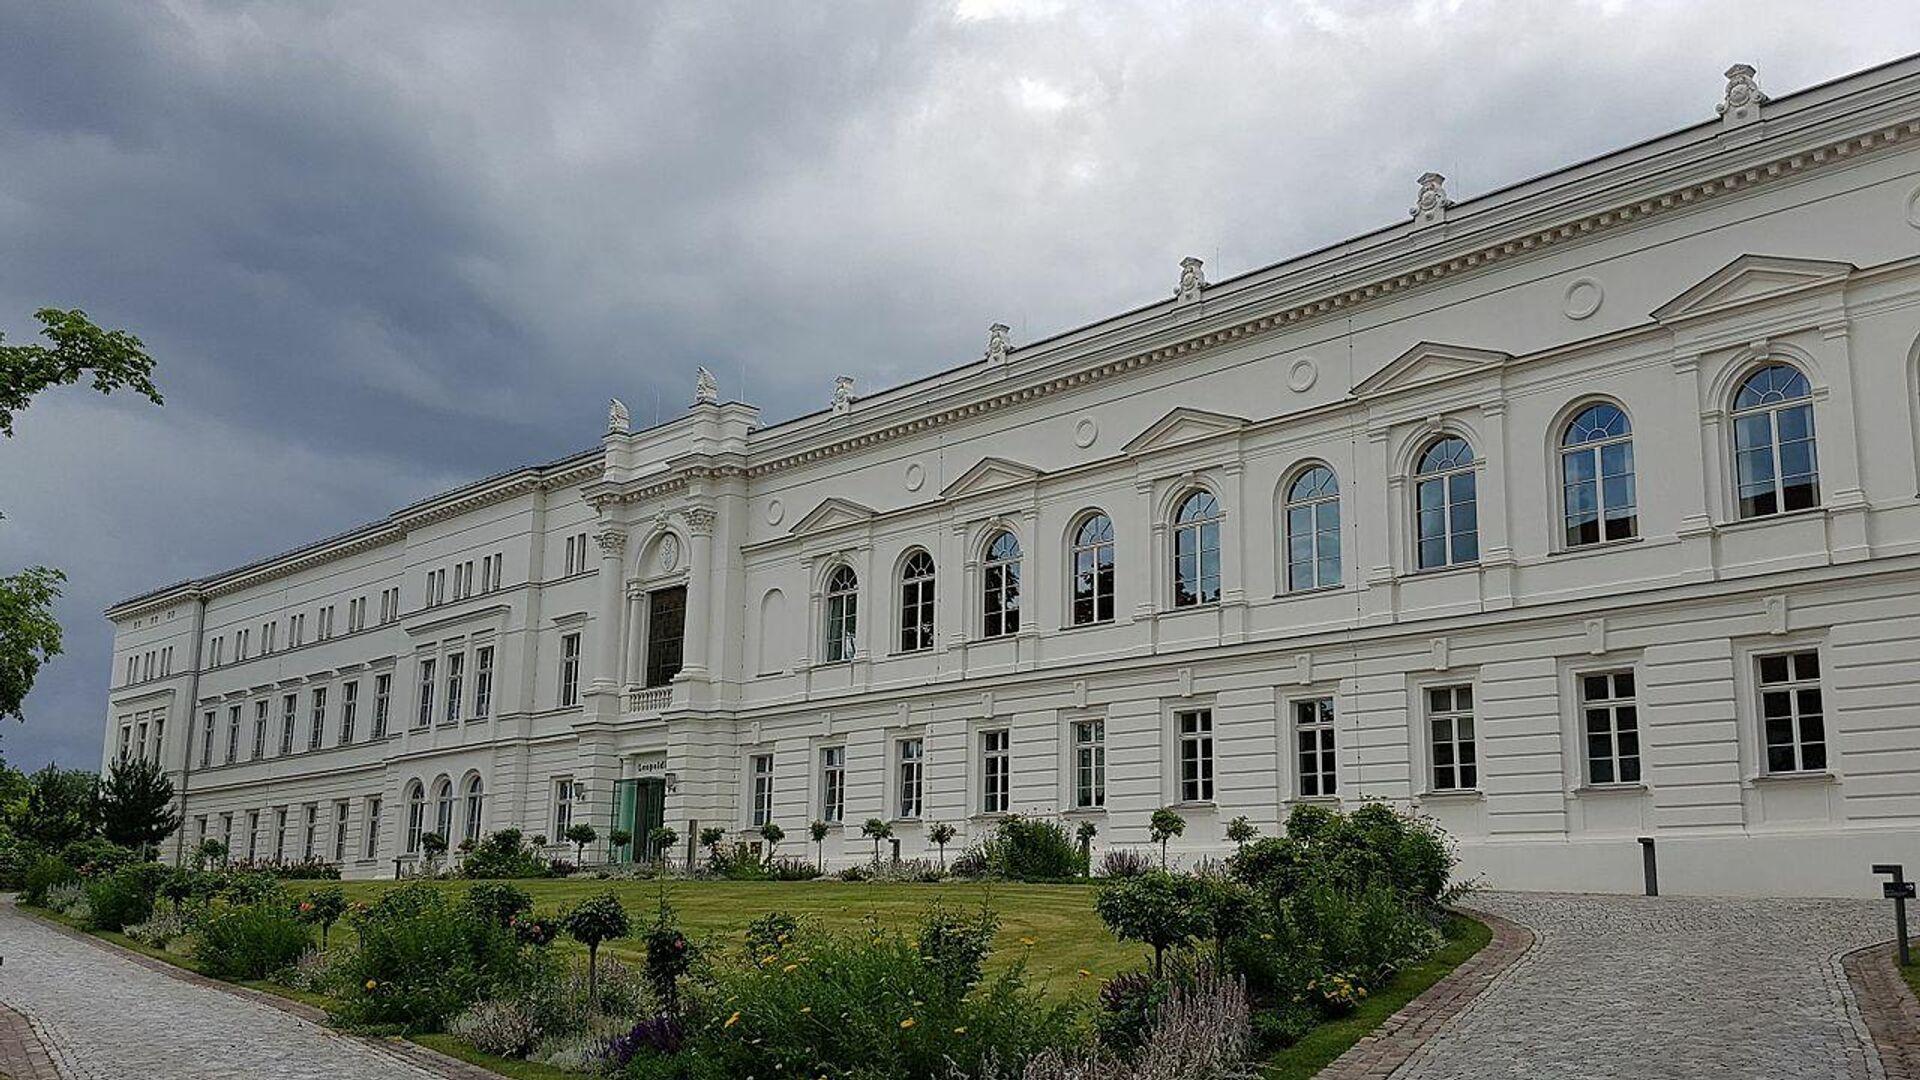 Die Nationale Akademie der Wissenschaften Leopoldina - SNA, 1920, 21.07.2021